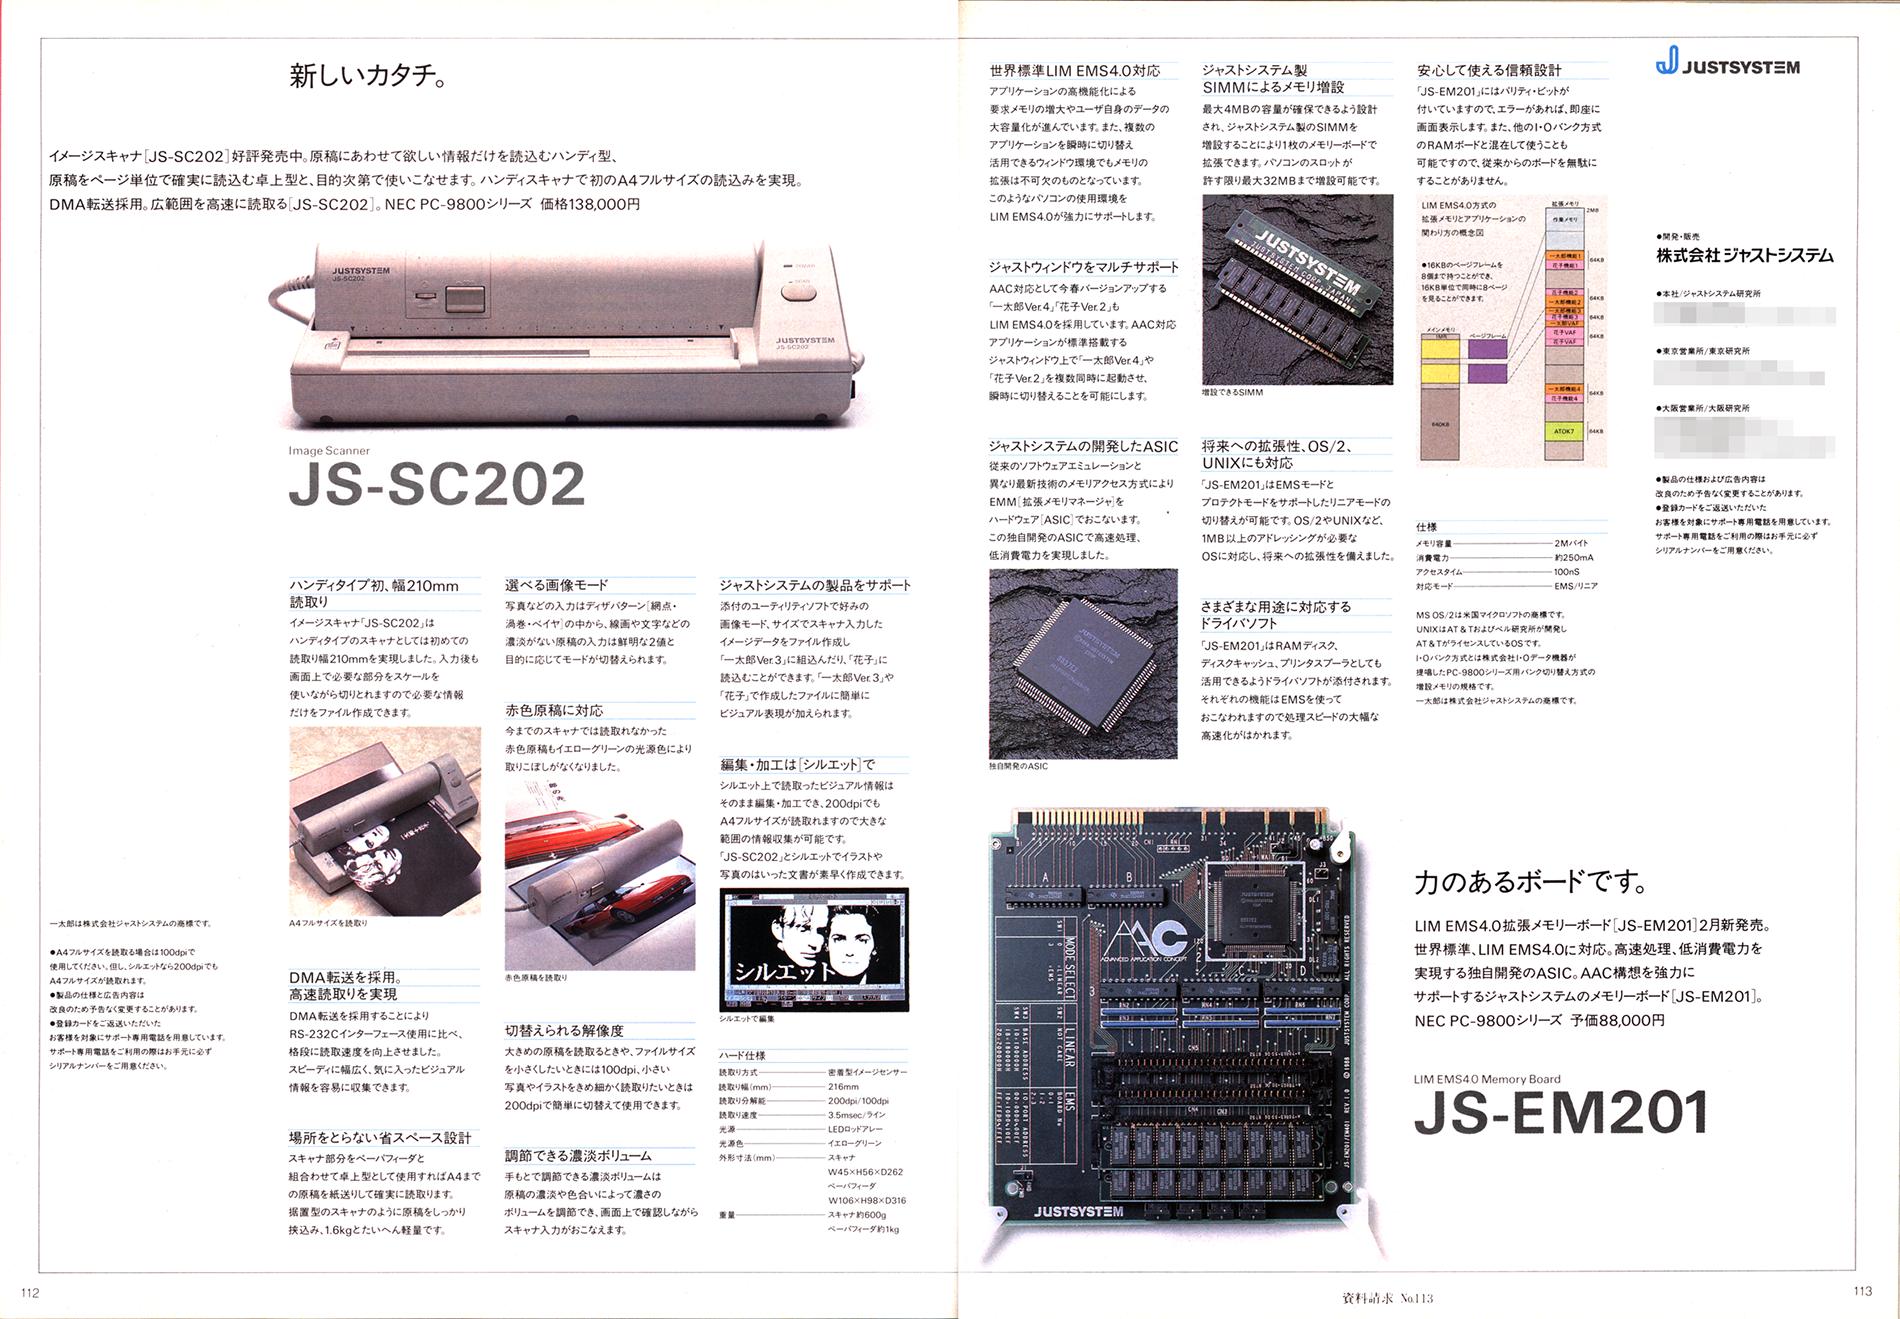 『一太郎Ver.4』発売時には、図形プロセッサ『花子』、日英ワープロ『duet』、ハンディイメージスキャナ『JS-SC202』、EMSメモリ『JS-EM201』などと合わせて、ジャストシステムだけで全14ページにもわたる広告を展開していました。そのうちの8ページ分を掲載しています。